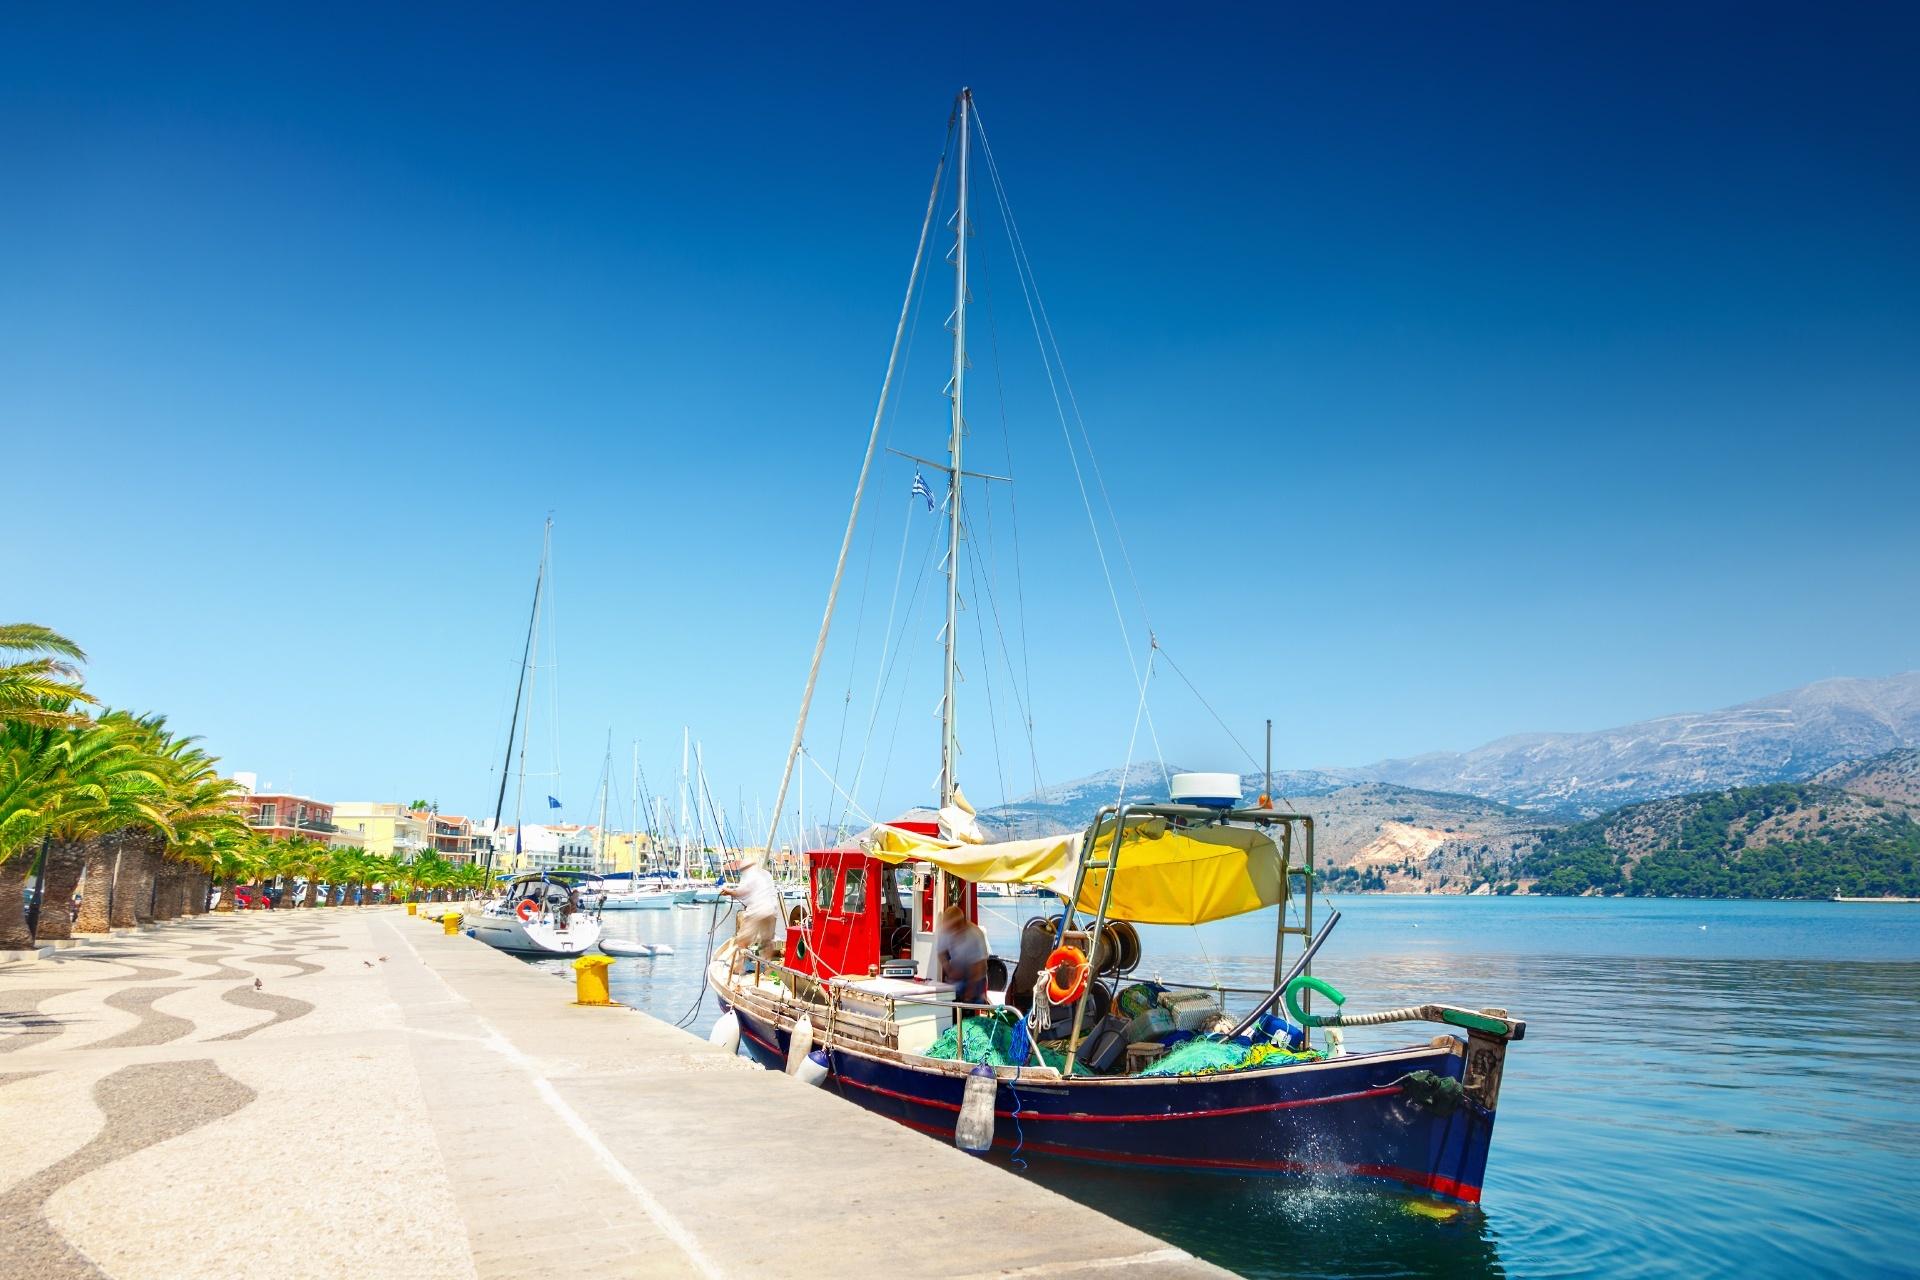 アルゴストリの港の風景 ケファロニア島 ギリシャの風景